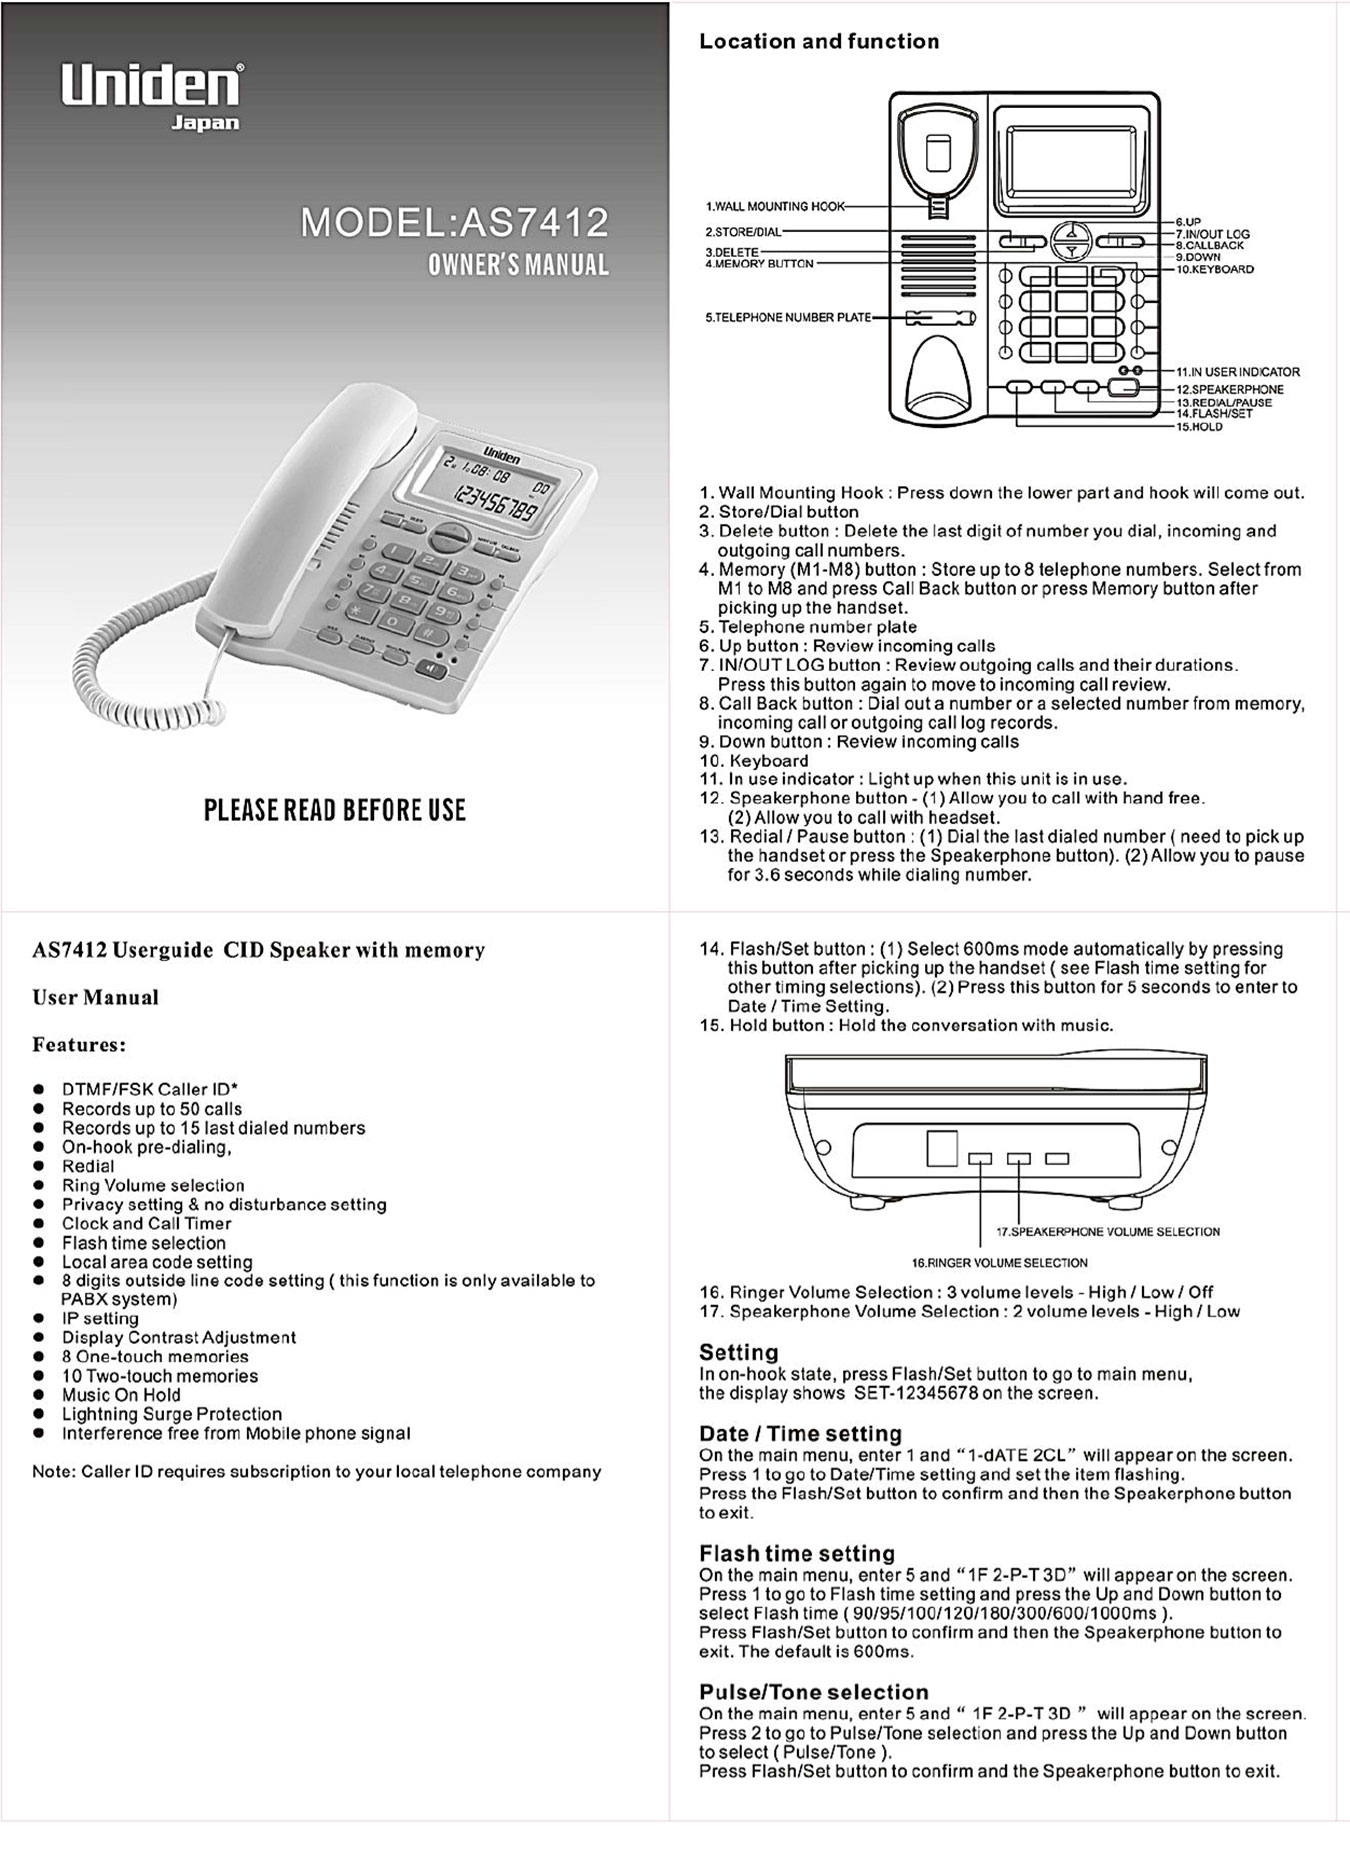 โทรศัพท์สายเดียว Single Line ยี่ห้อ Uniden รุ่น AS7412